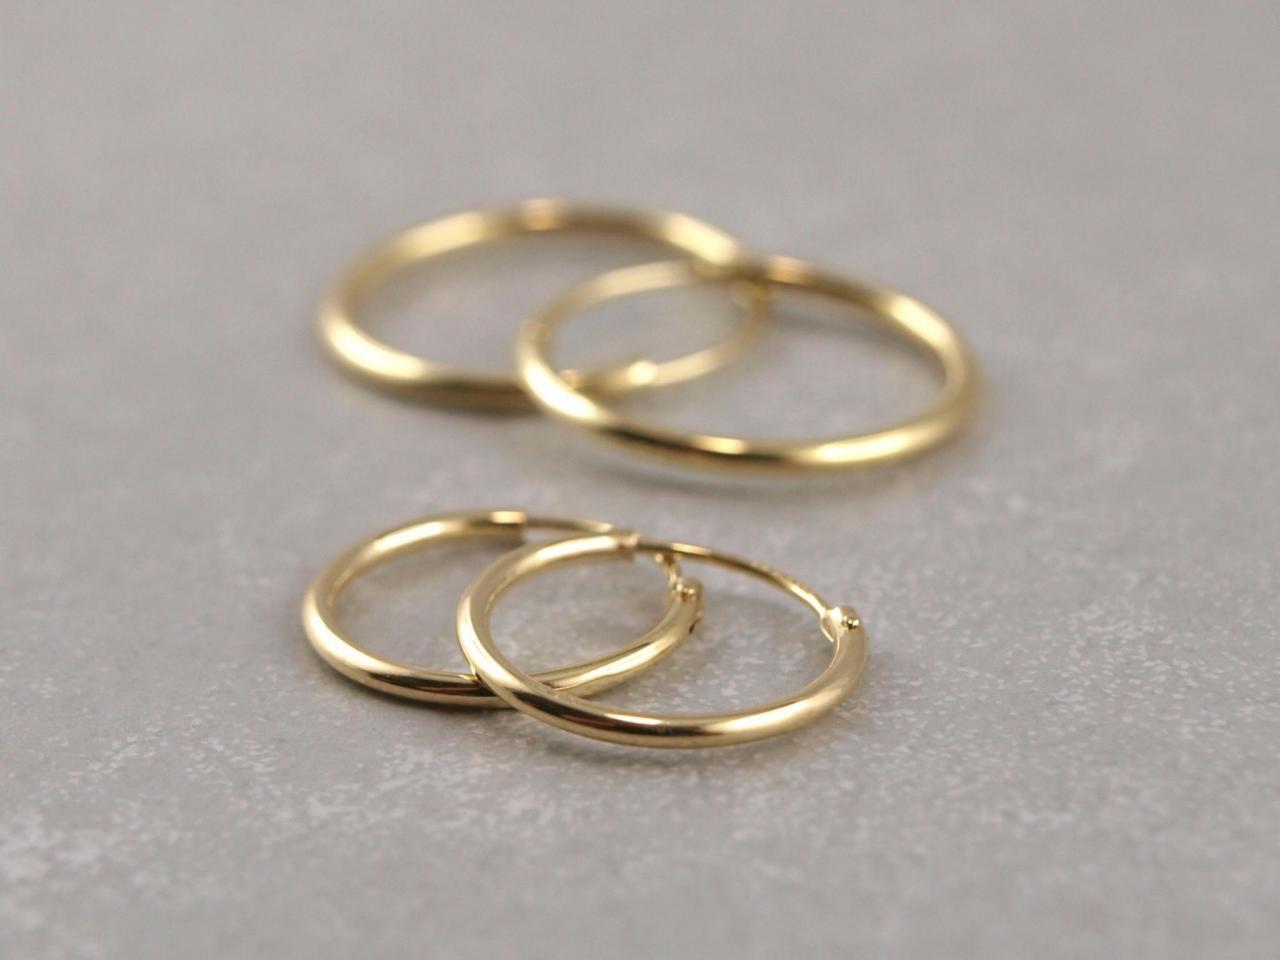 kreole aus echtem Gold mit Scharnier 15 mm und 20 mm